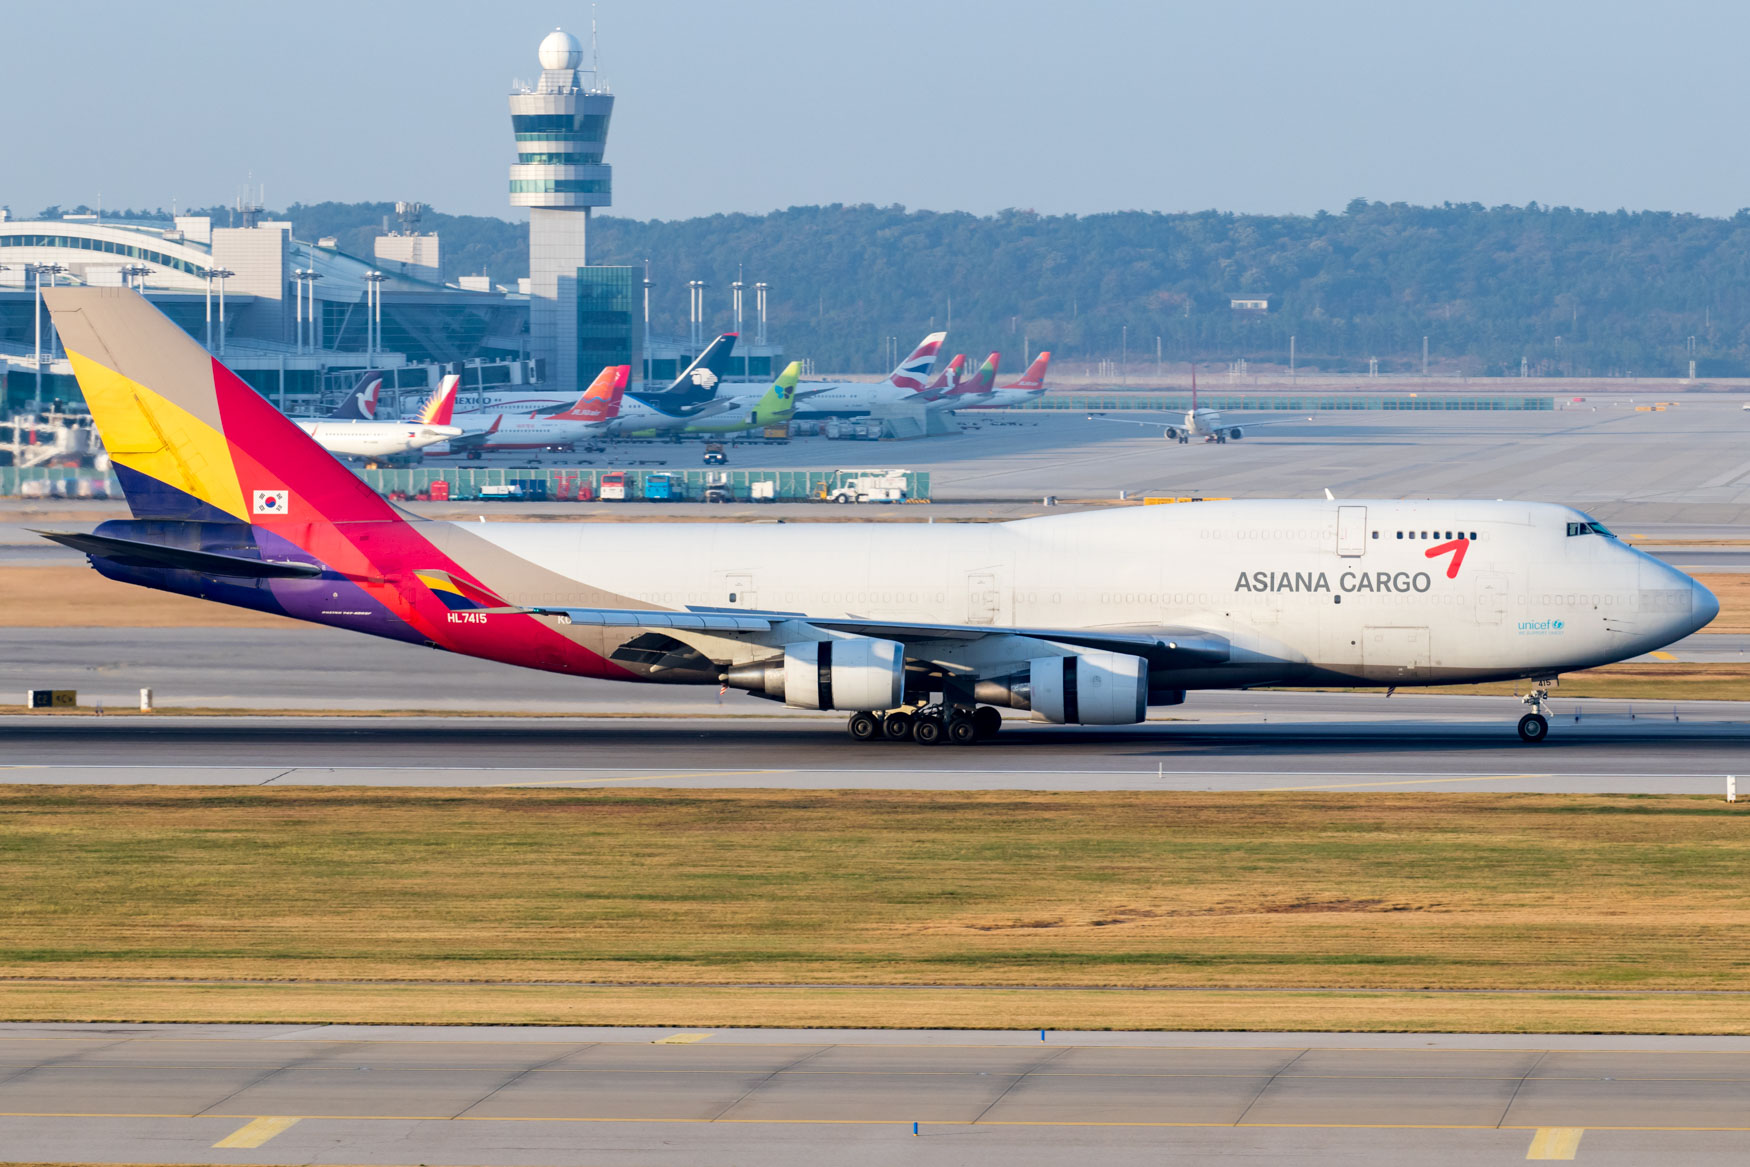 Asiana Cargo 747-400F